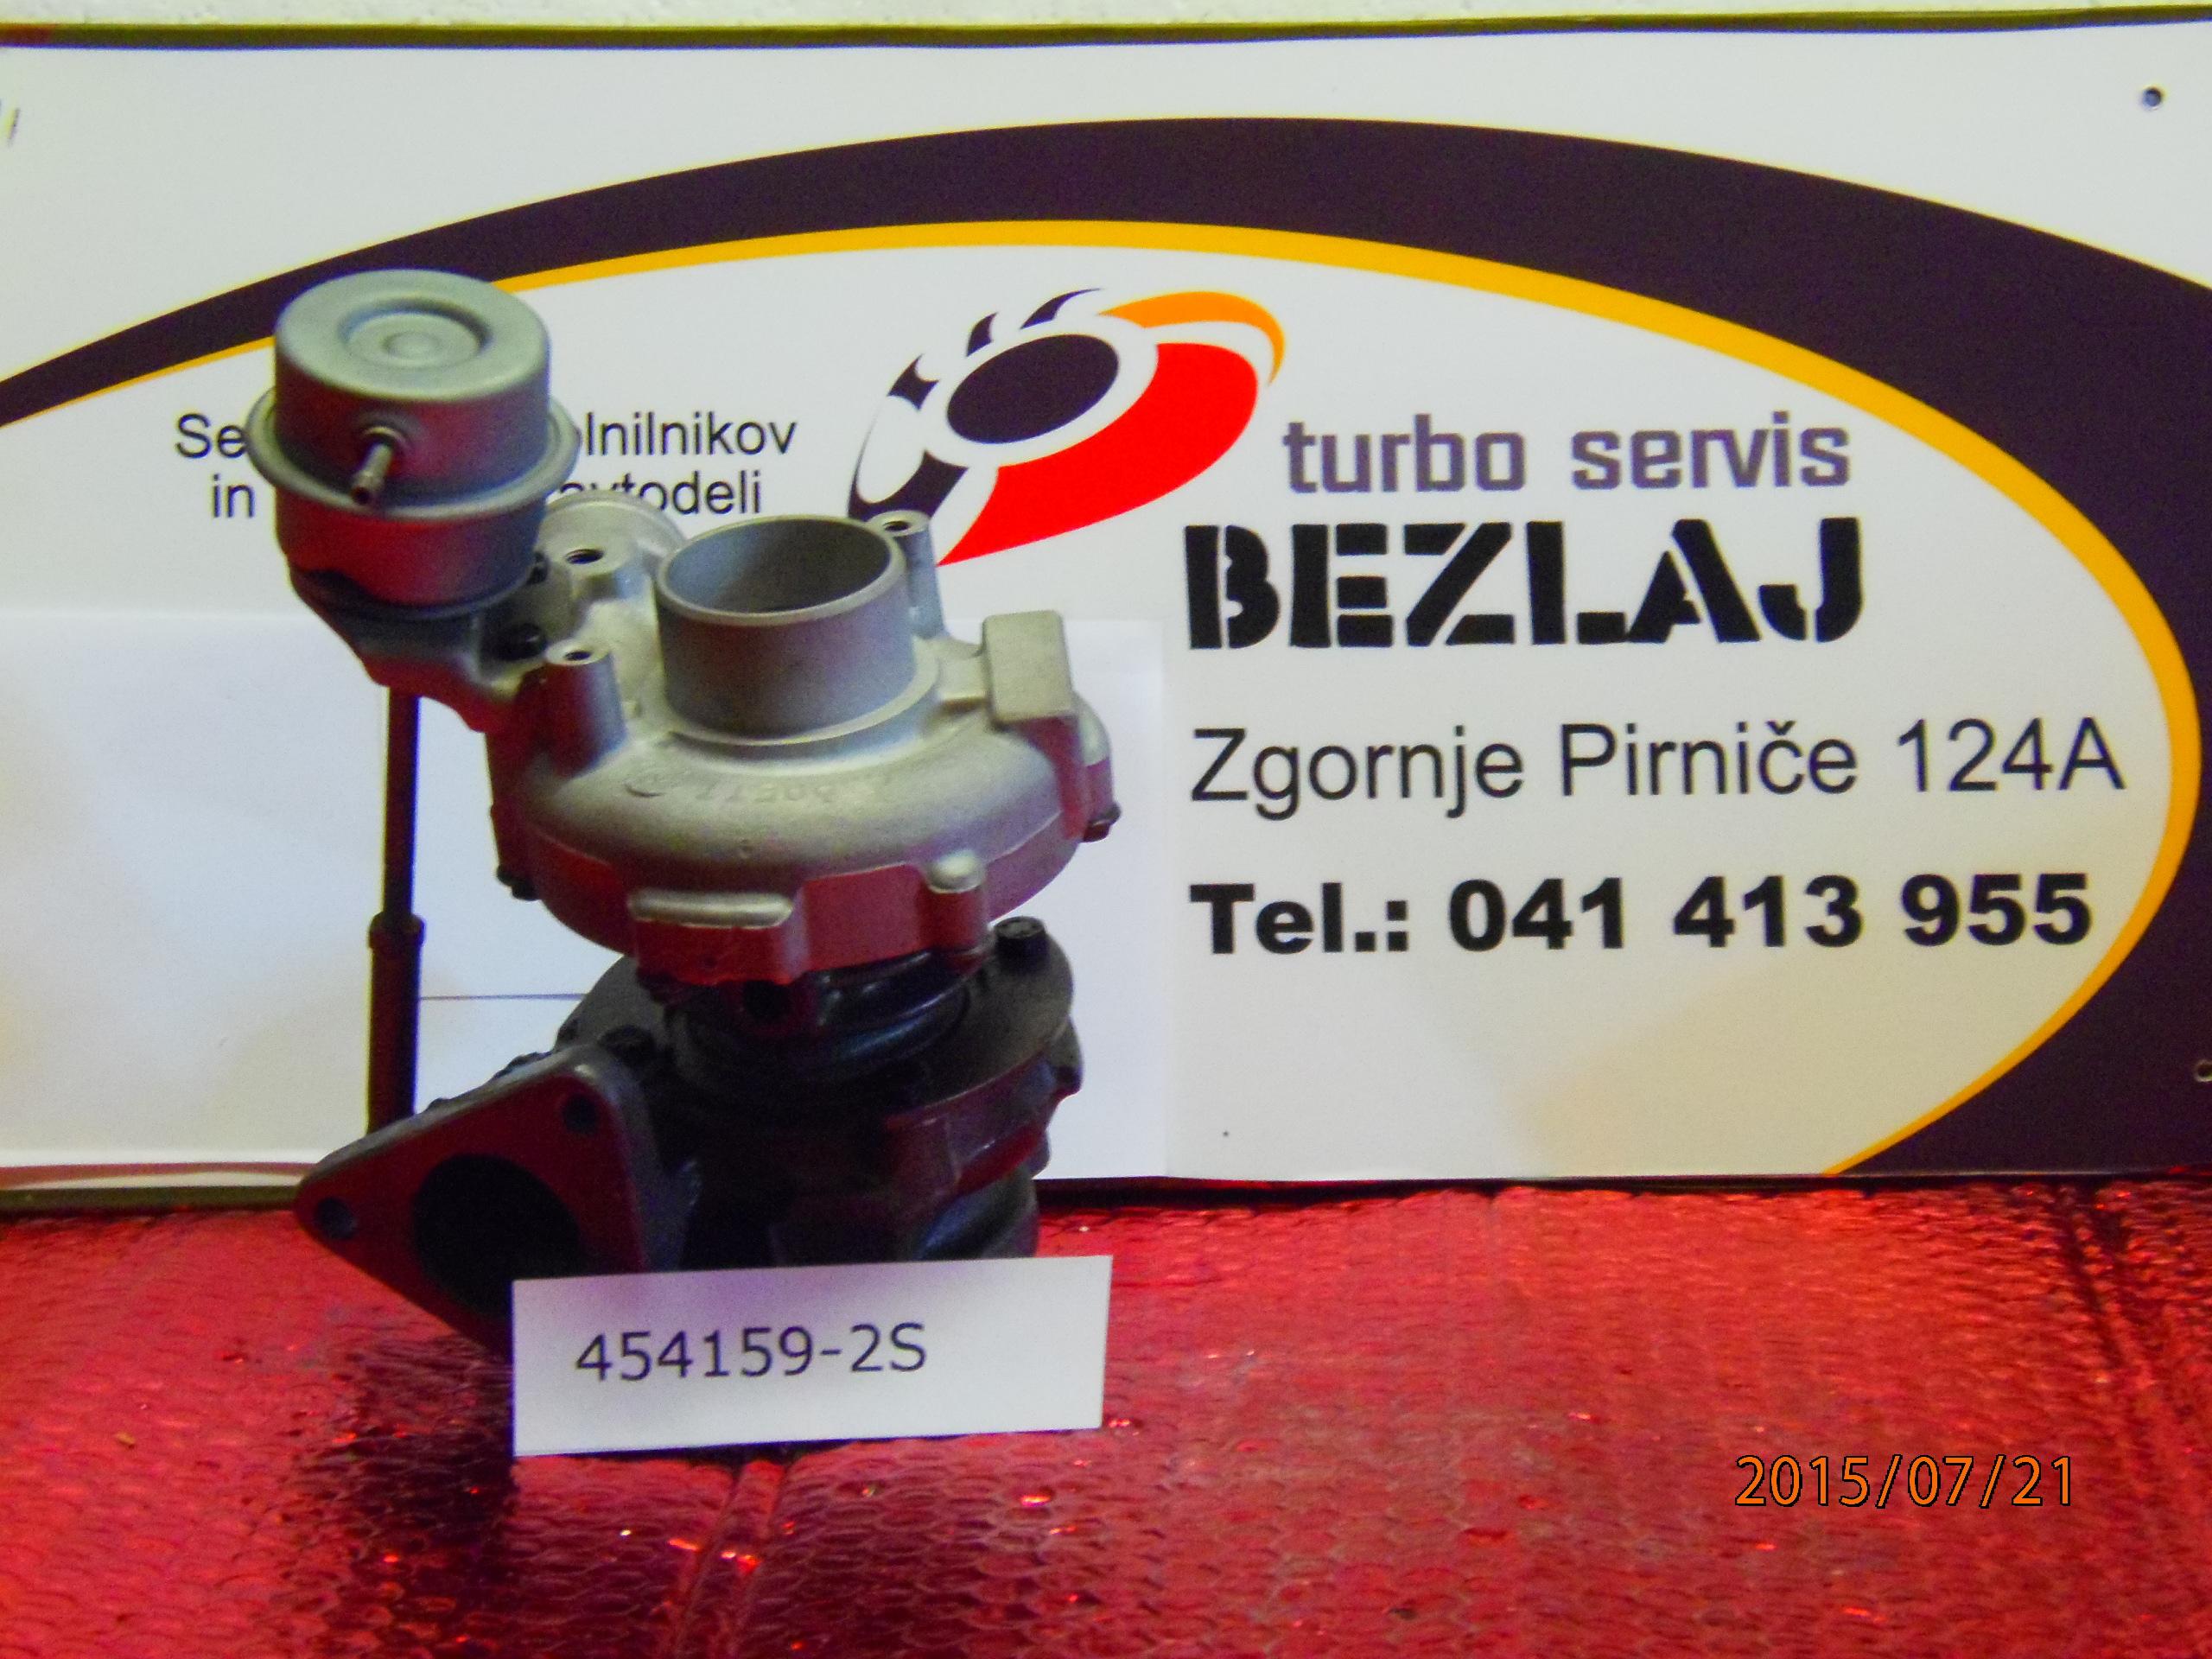 turbo454159-2S